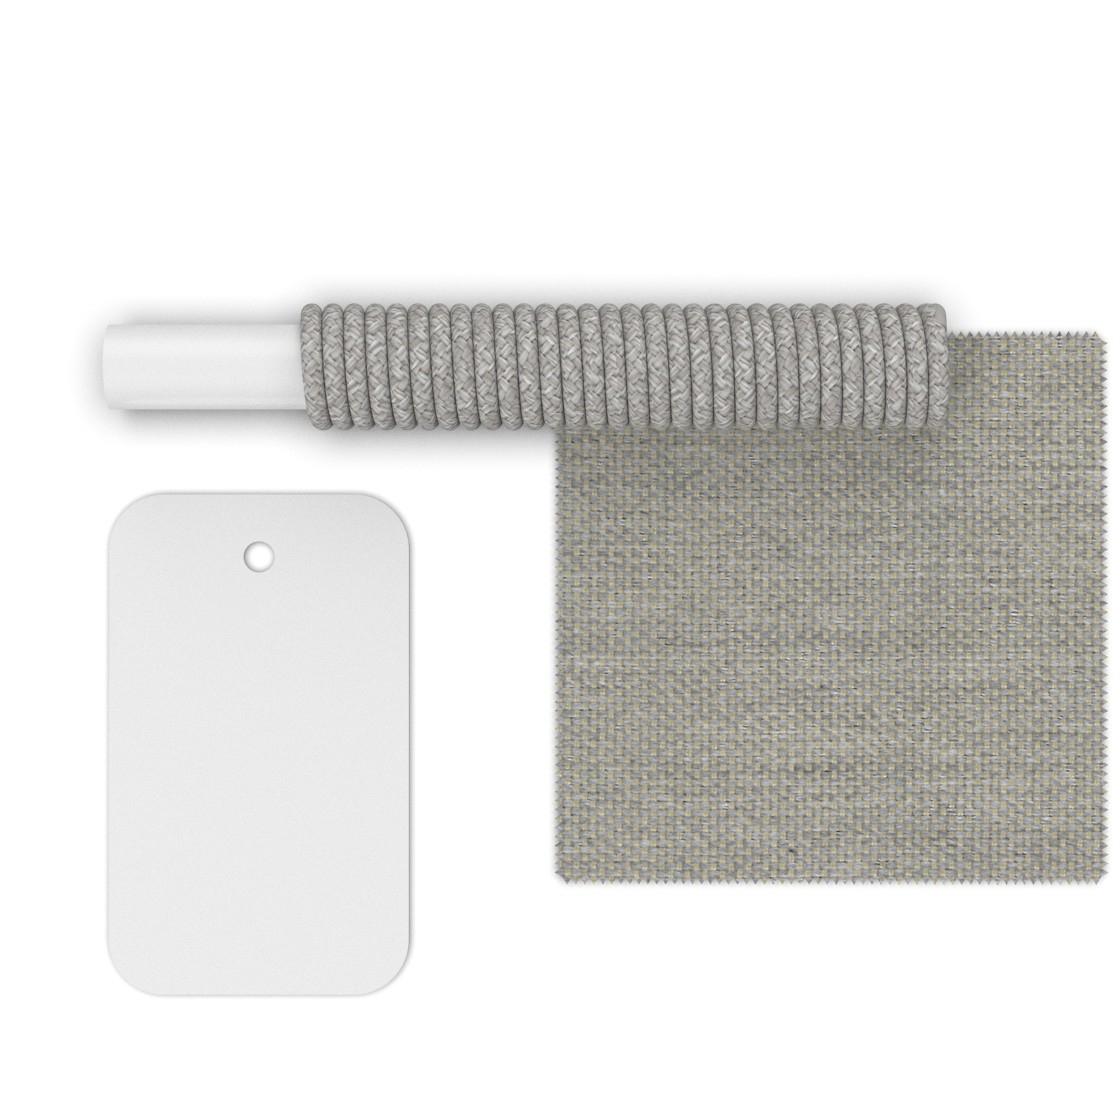 Sofy_White-light grey